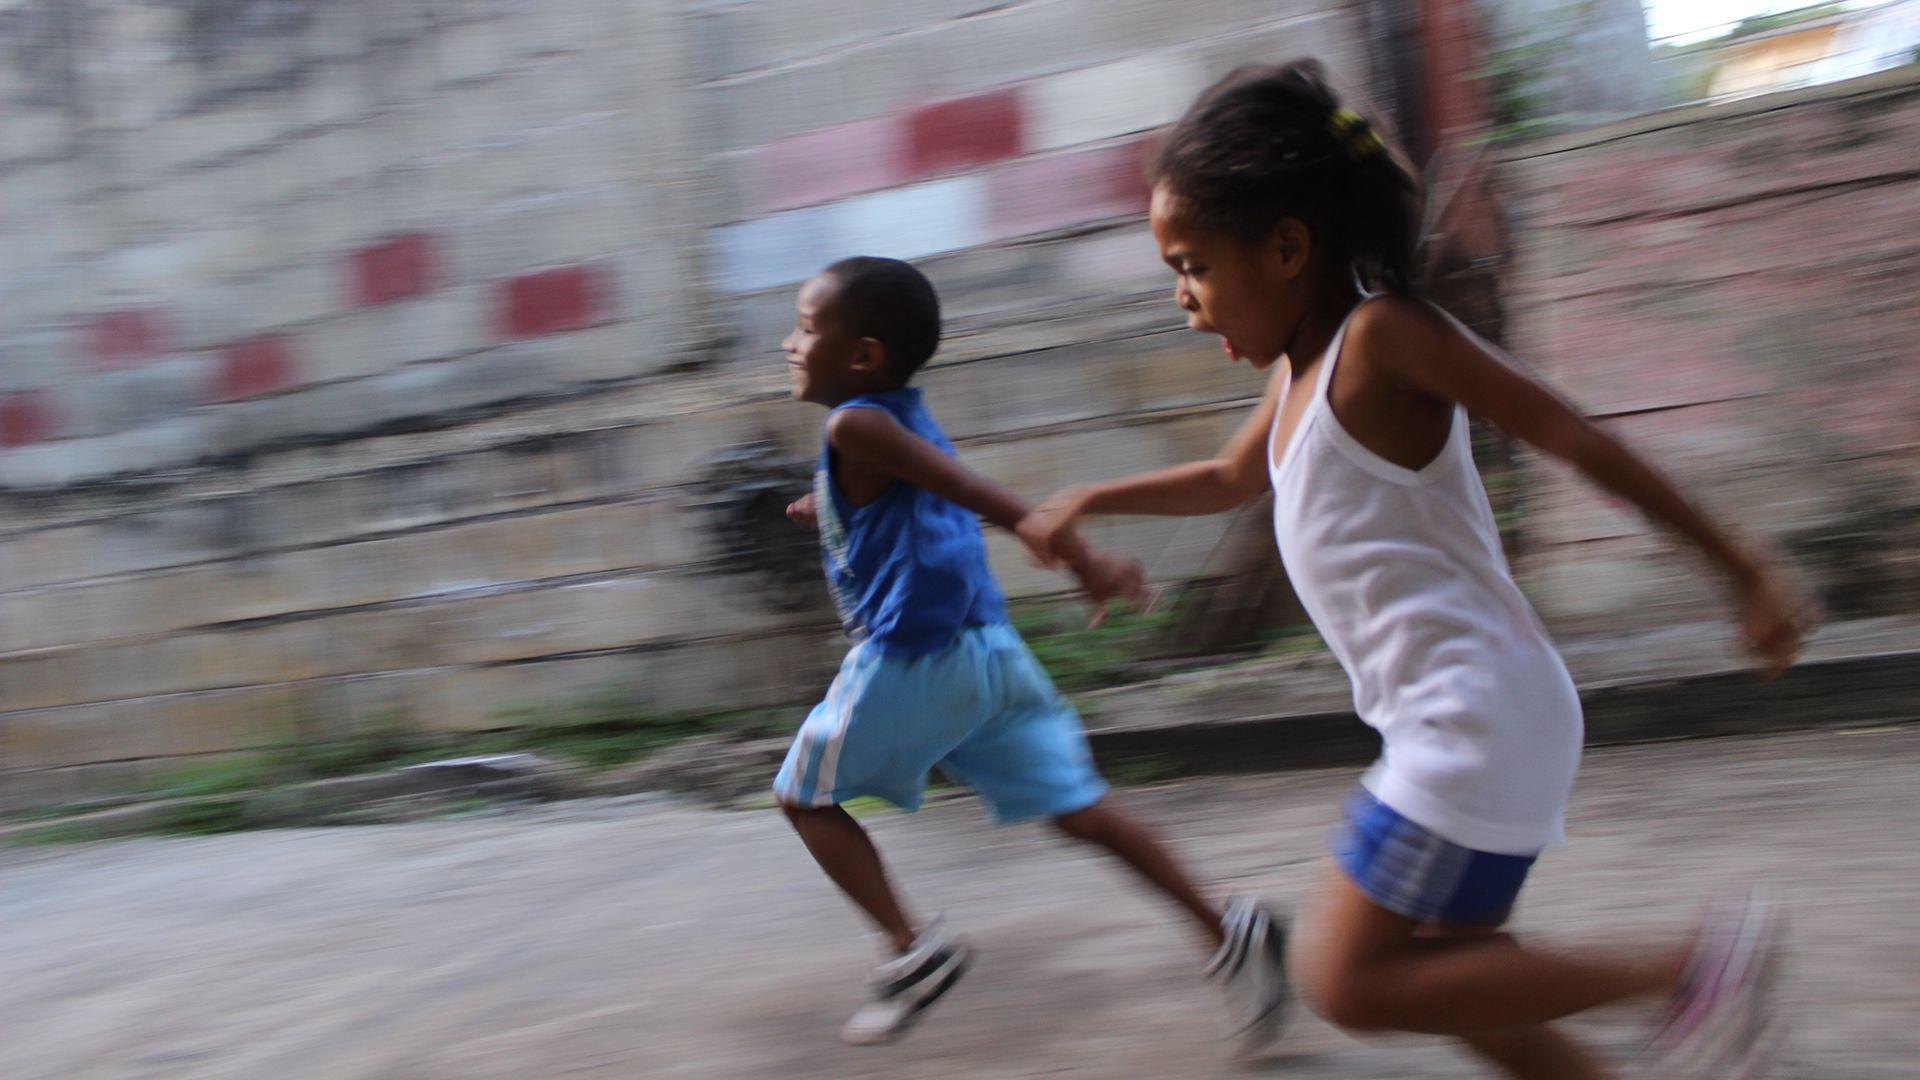 STADAT – Születéskor várható átlagos élettartam, átlagéletkor (–)